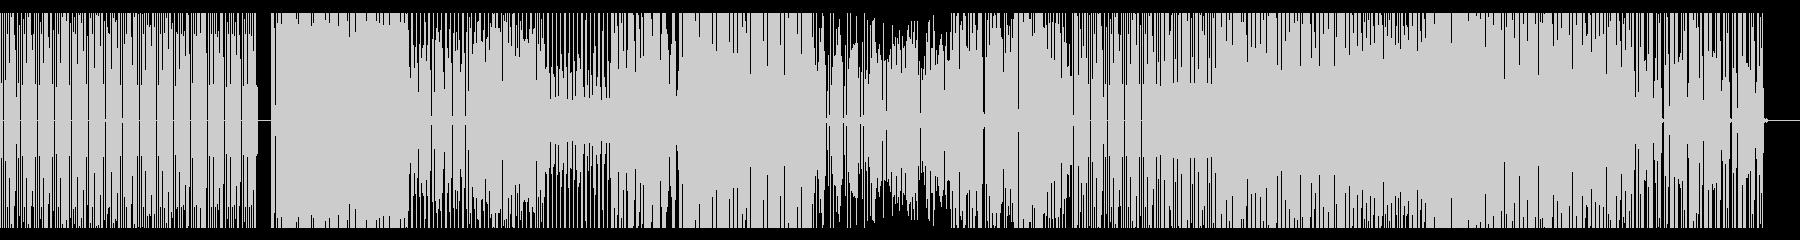 シンプルなテクノBGMの未再生の波形